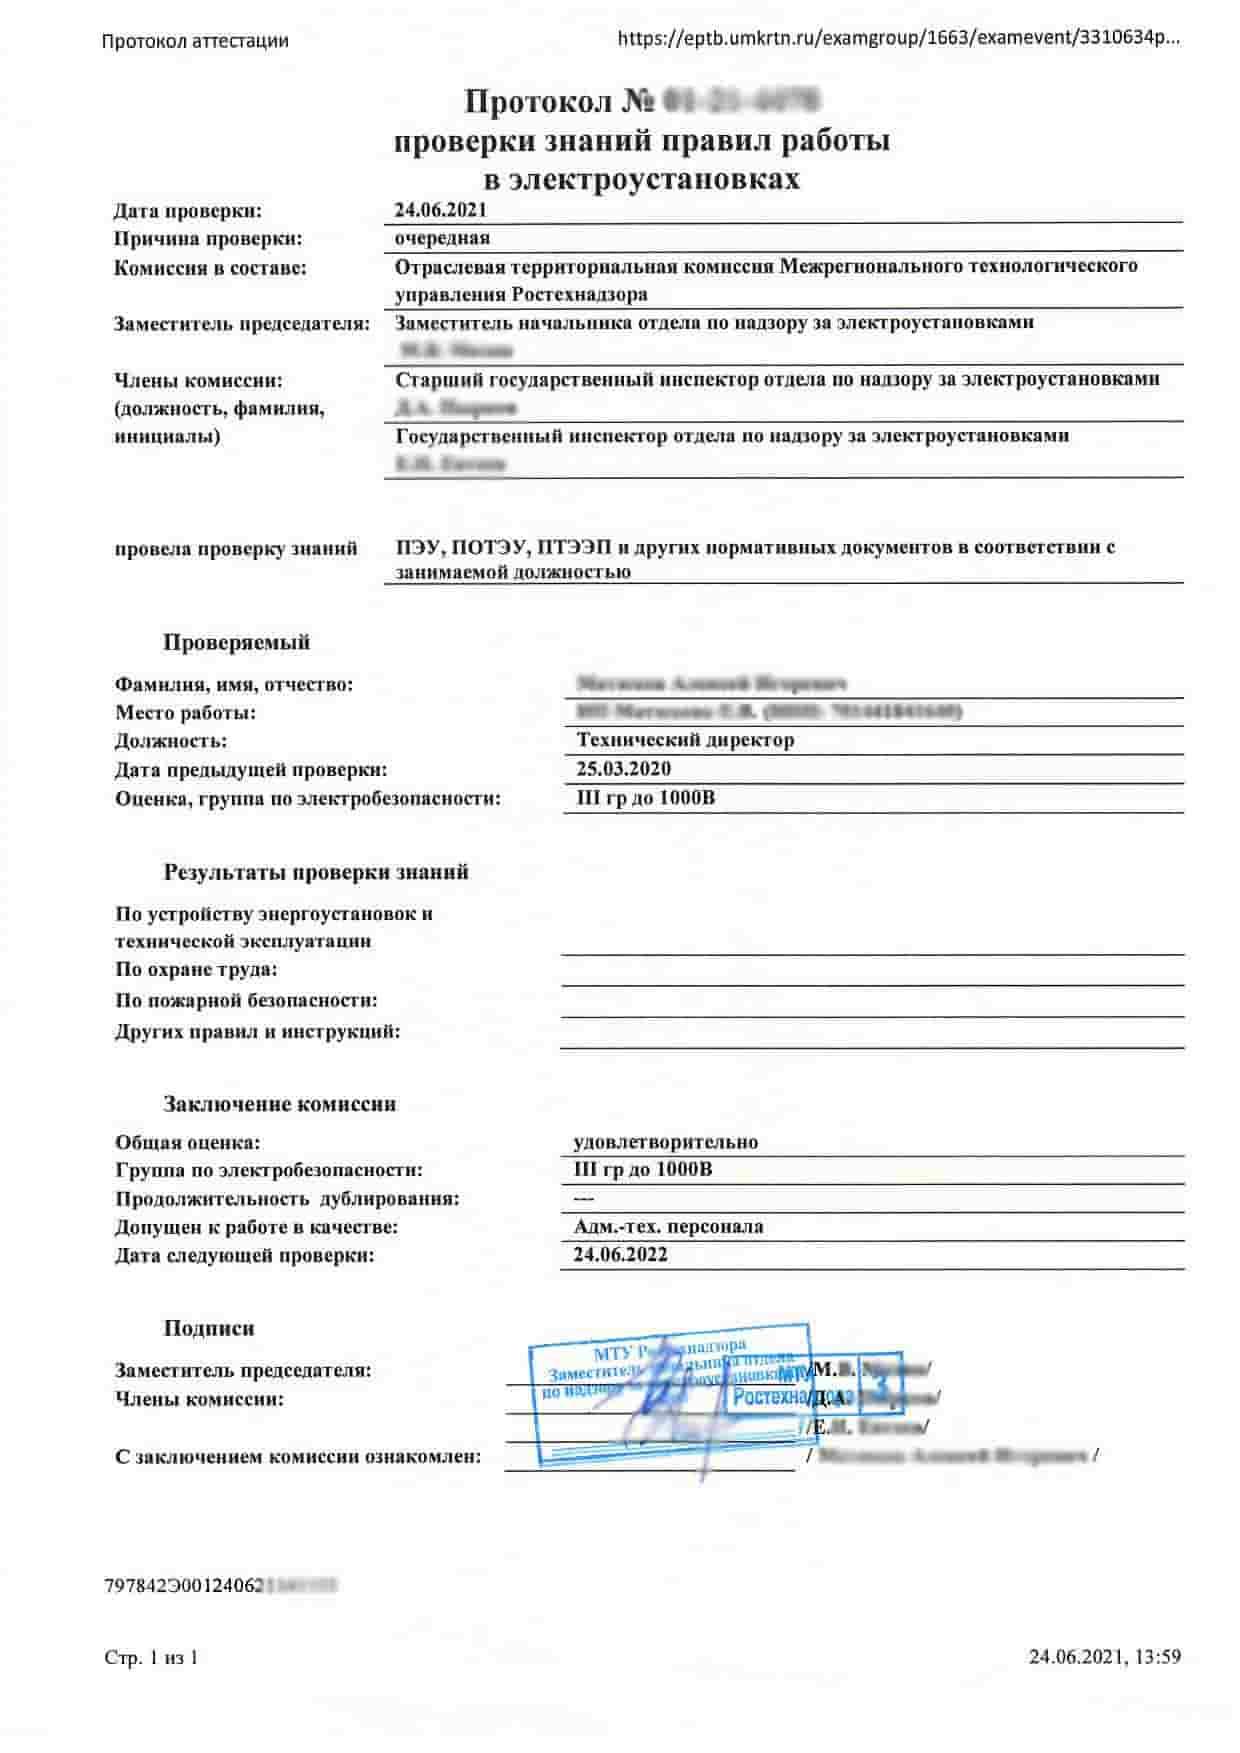 Протокол Ростехнадзора Электрика